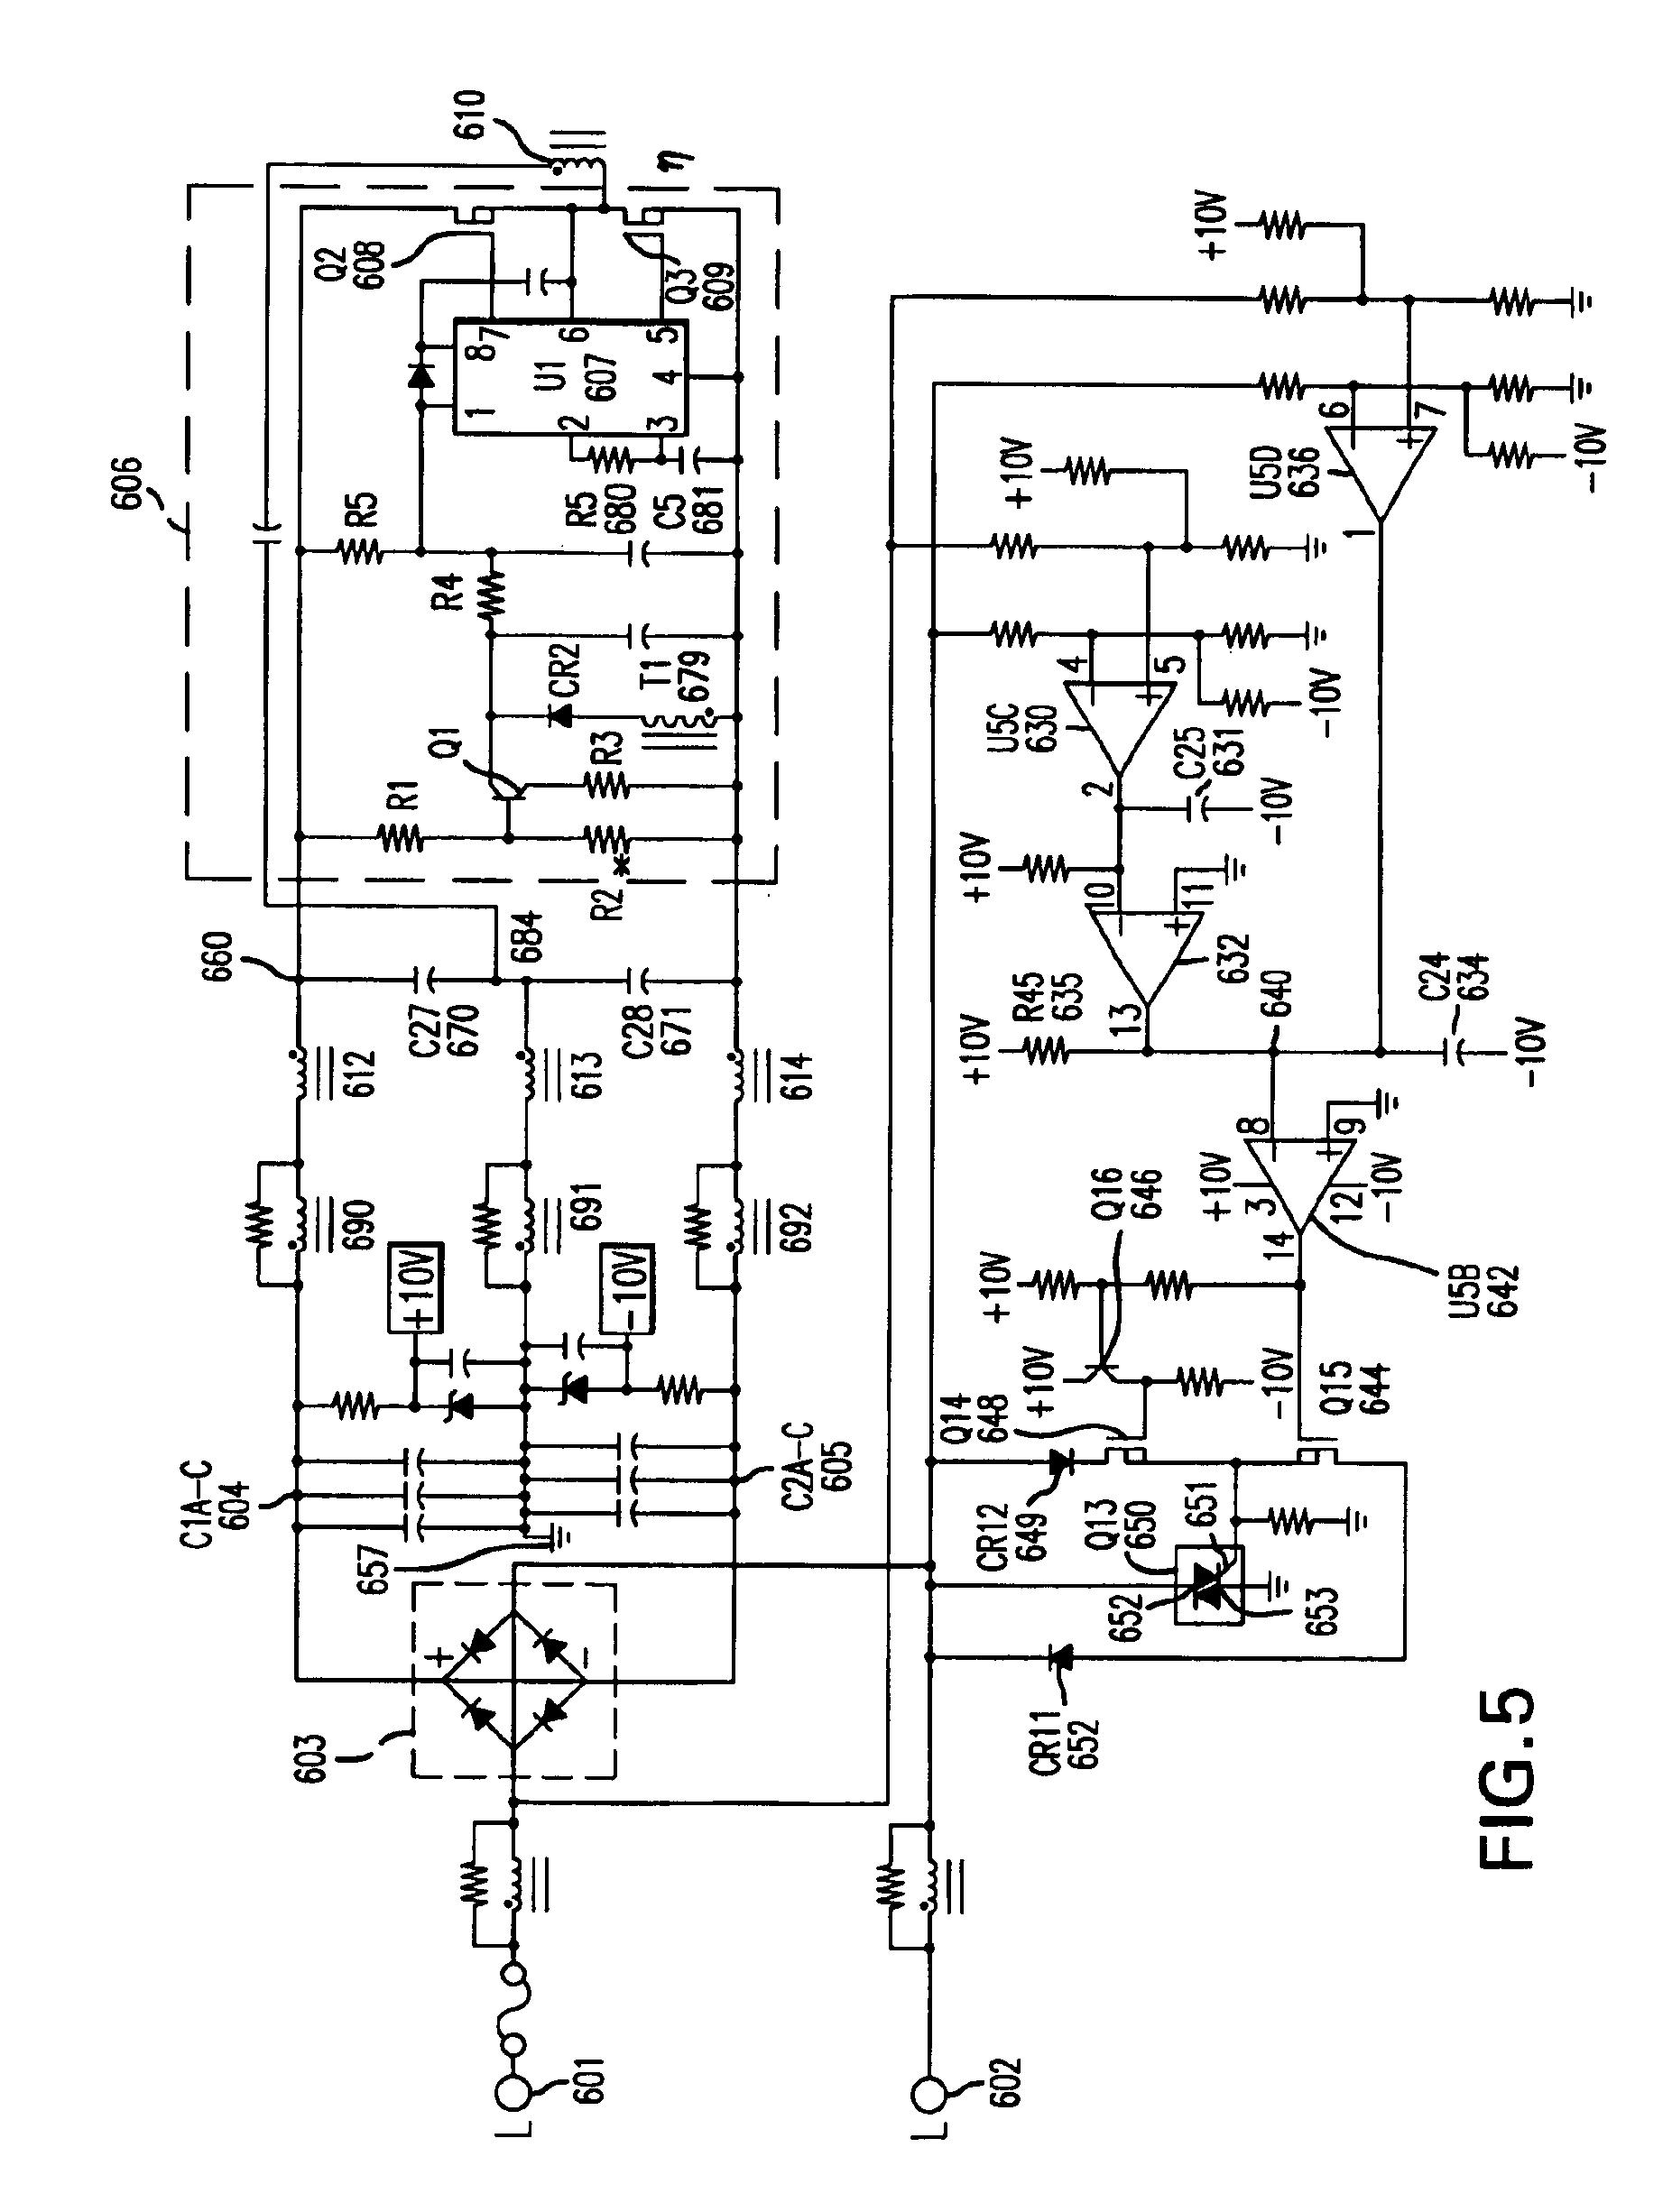 patent us6850423